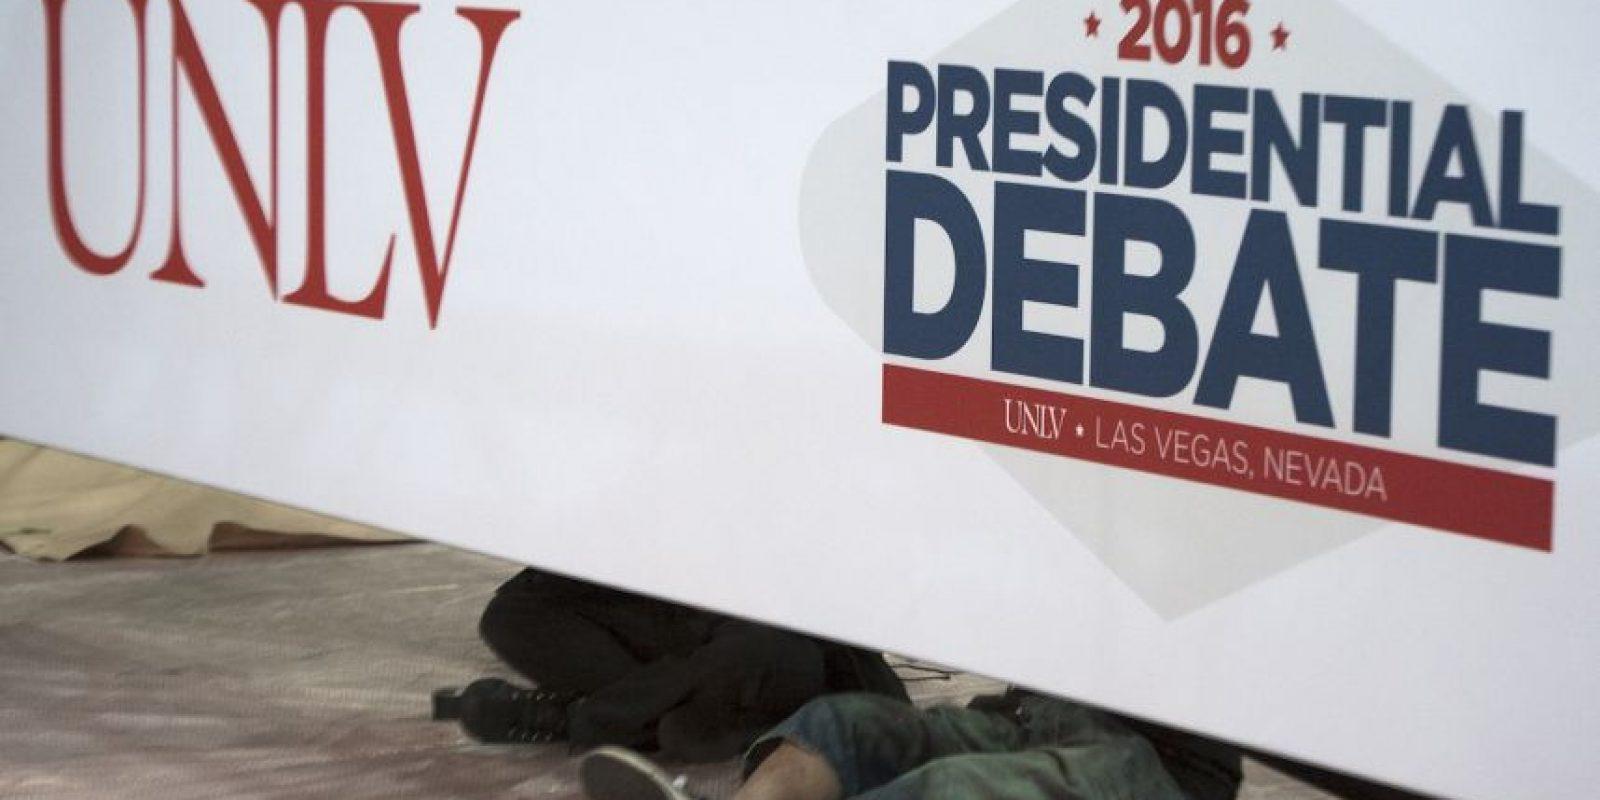 Ambos candidatos debatirán seis temas durante 90 minutos Foto:AFP